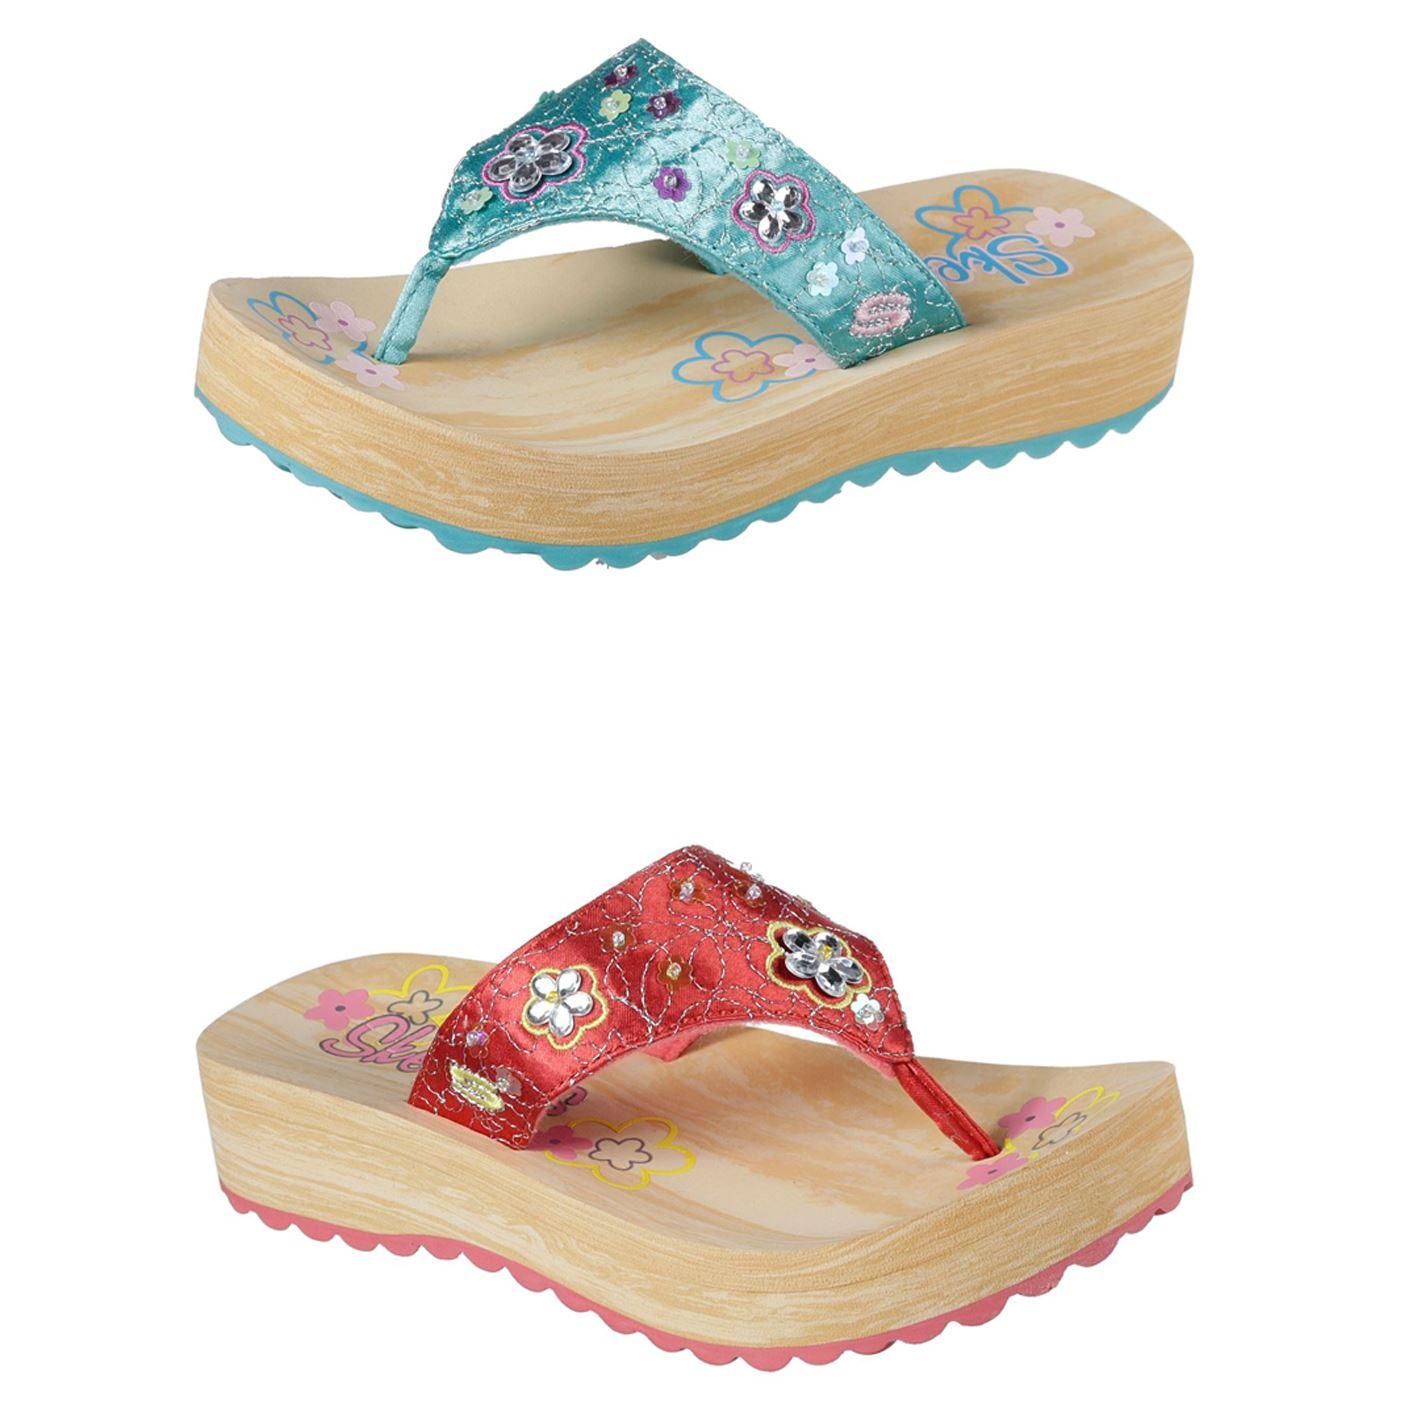 Kaufen elegante Schuhe neueste Details zu Skechers Sparks Zehentrenner Kinder Mädchen Tanga Sandalen  Strandschuhe